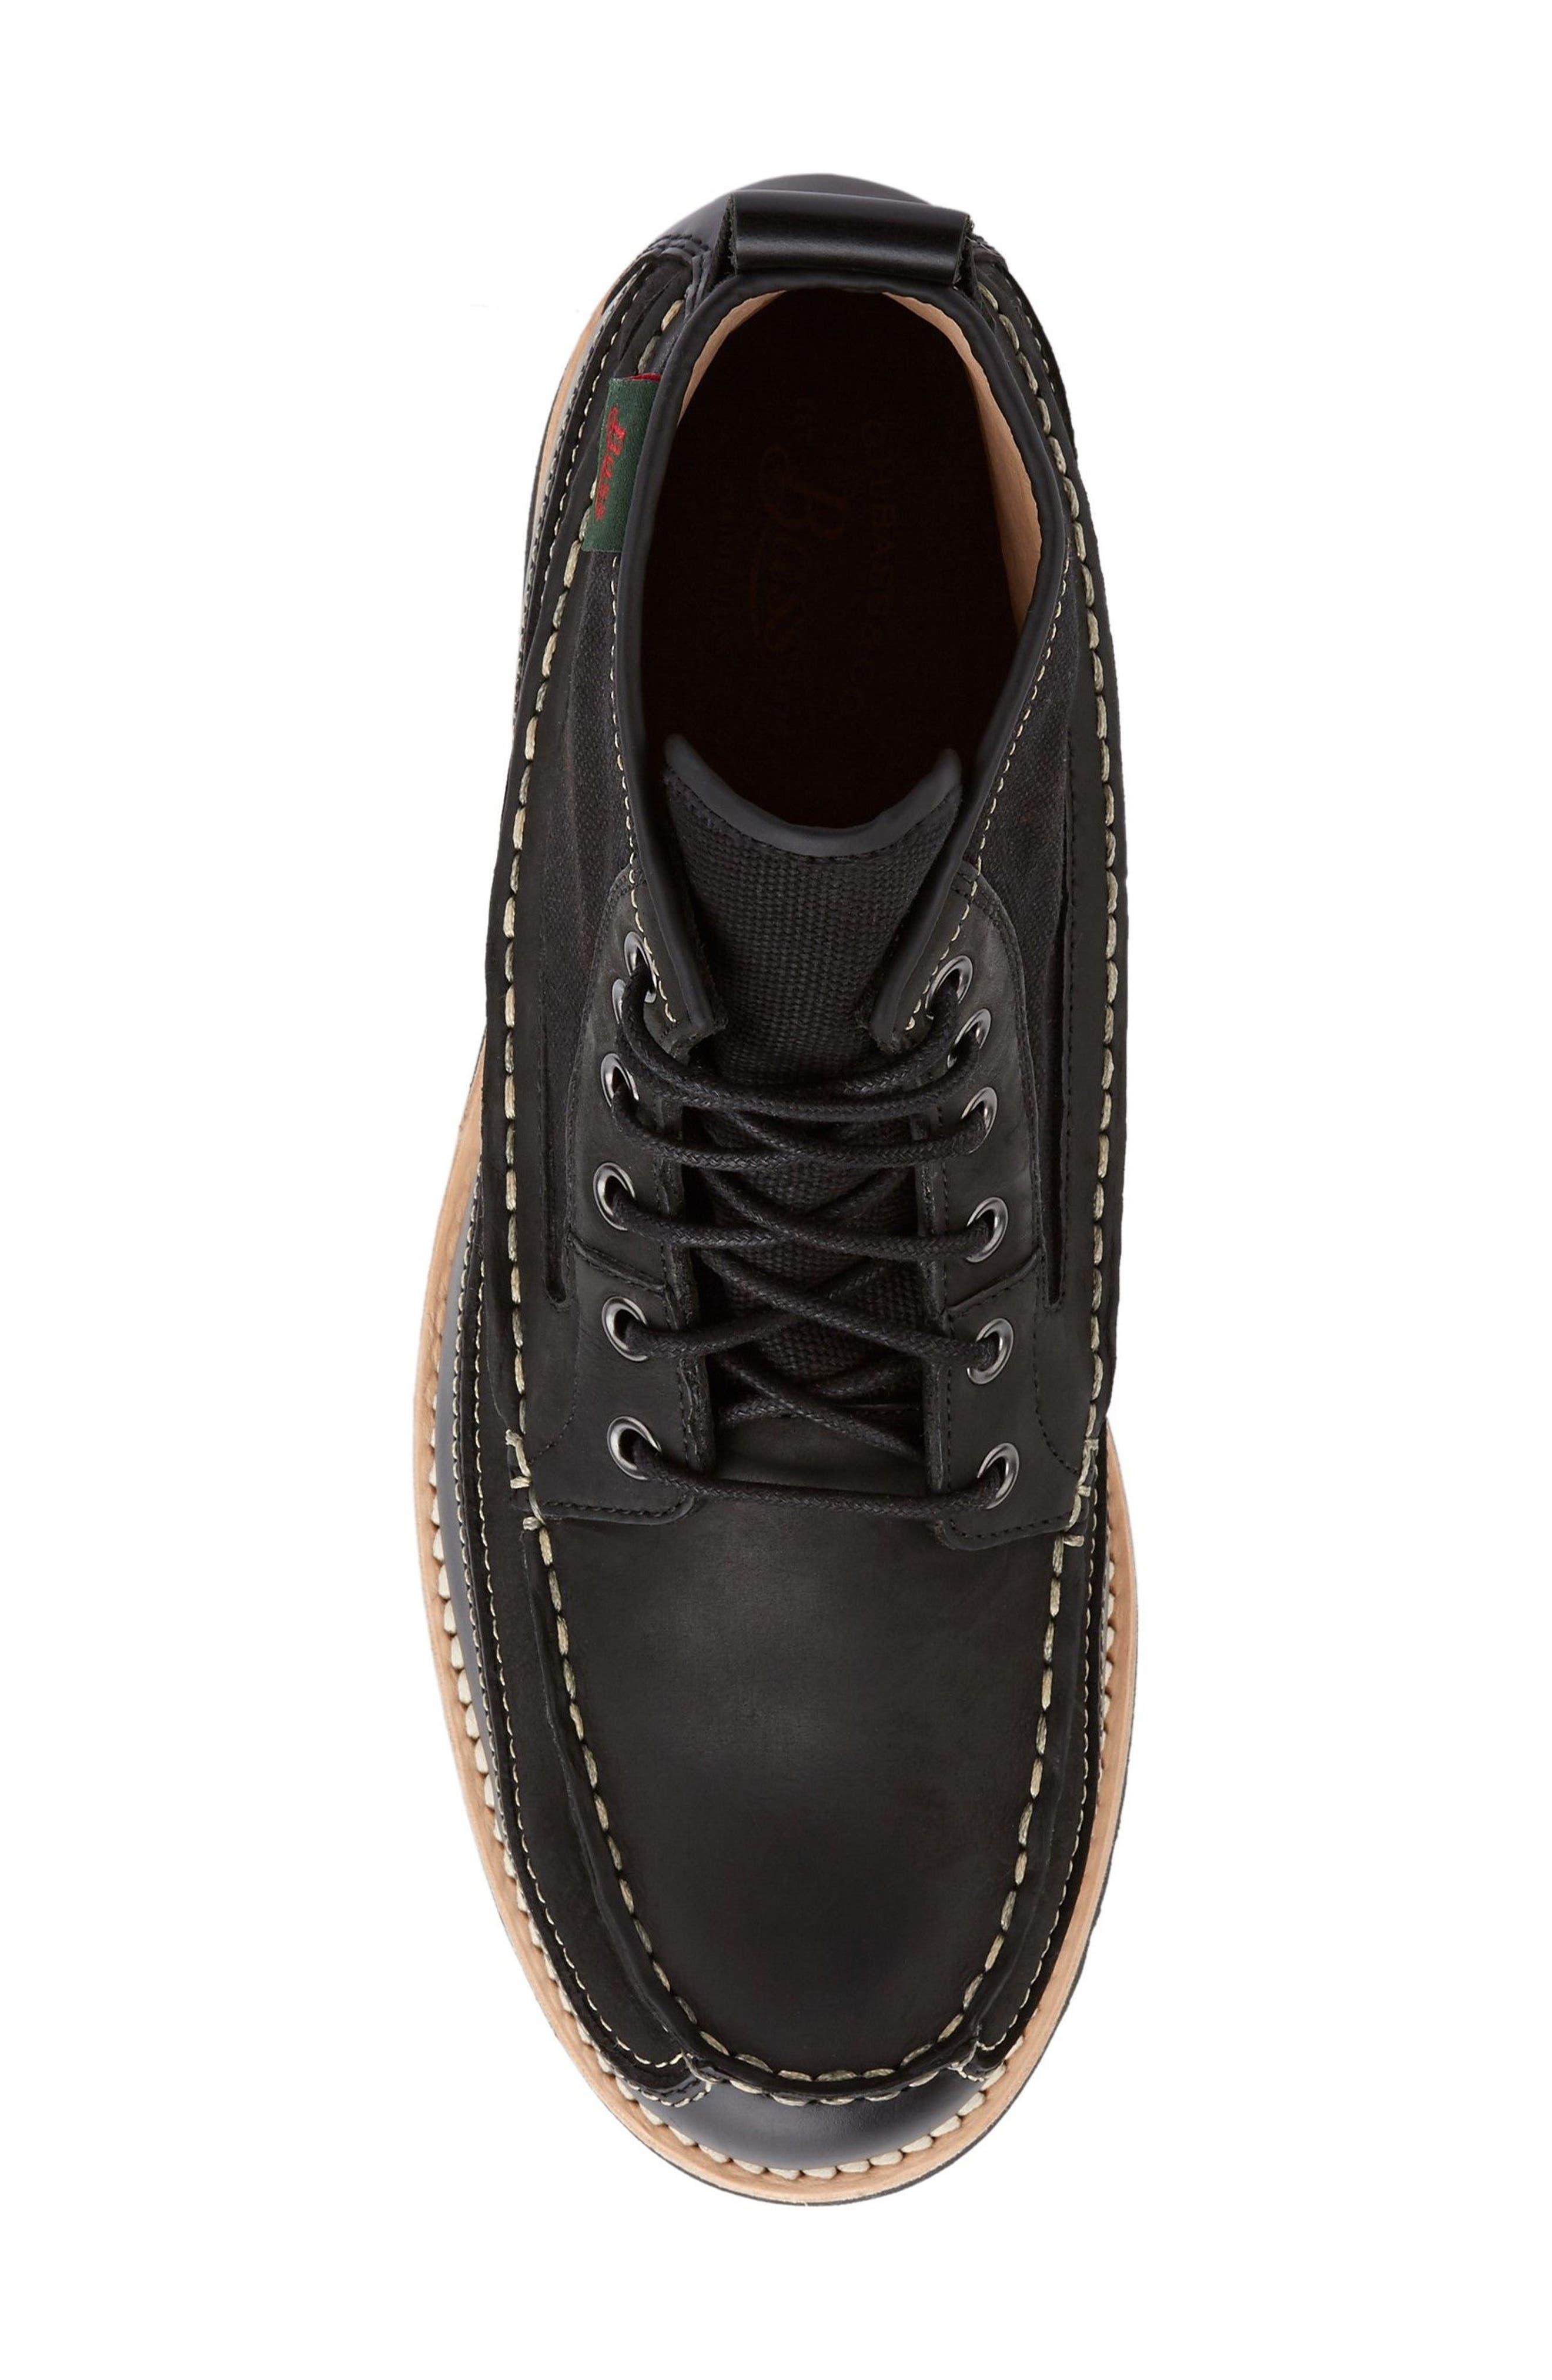 Nickson Razor Moc Toe Boot,                             Alternate thumbnail 5, color,                             Black